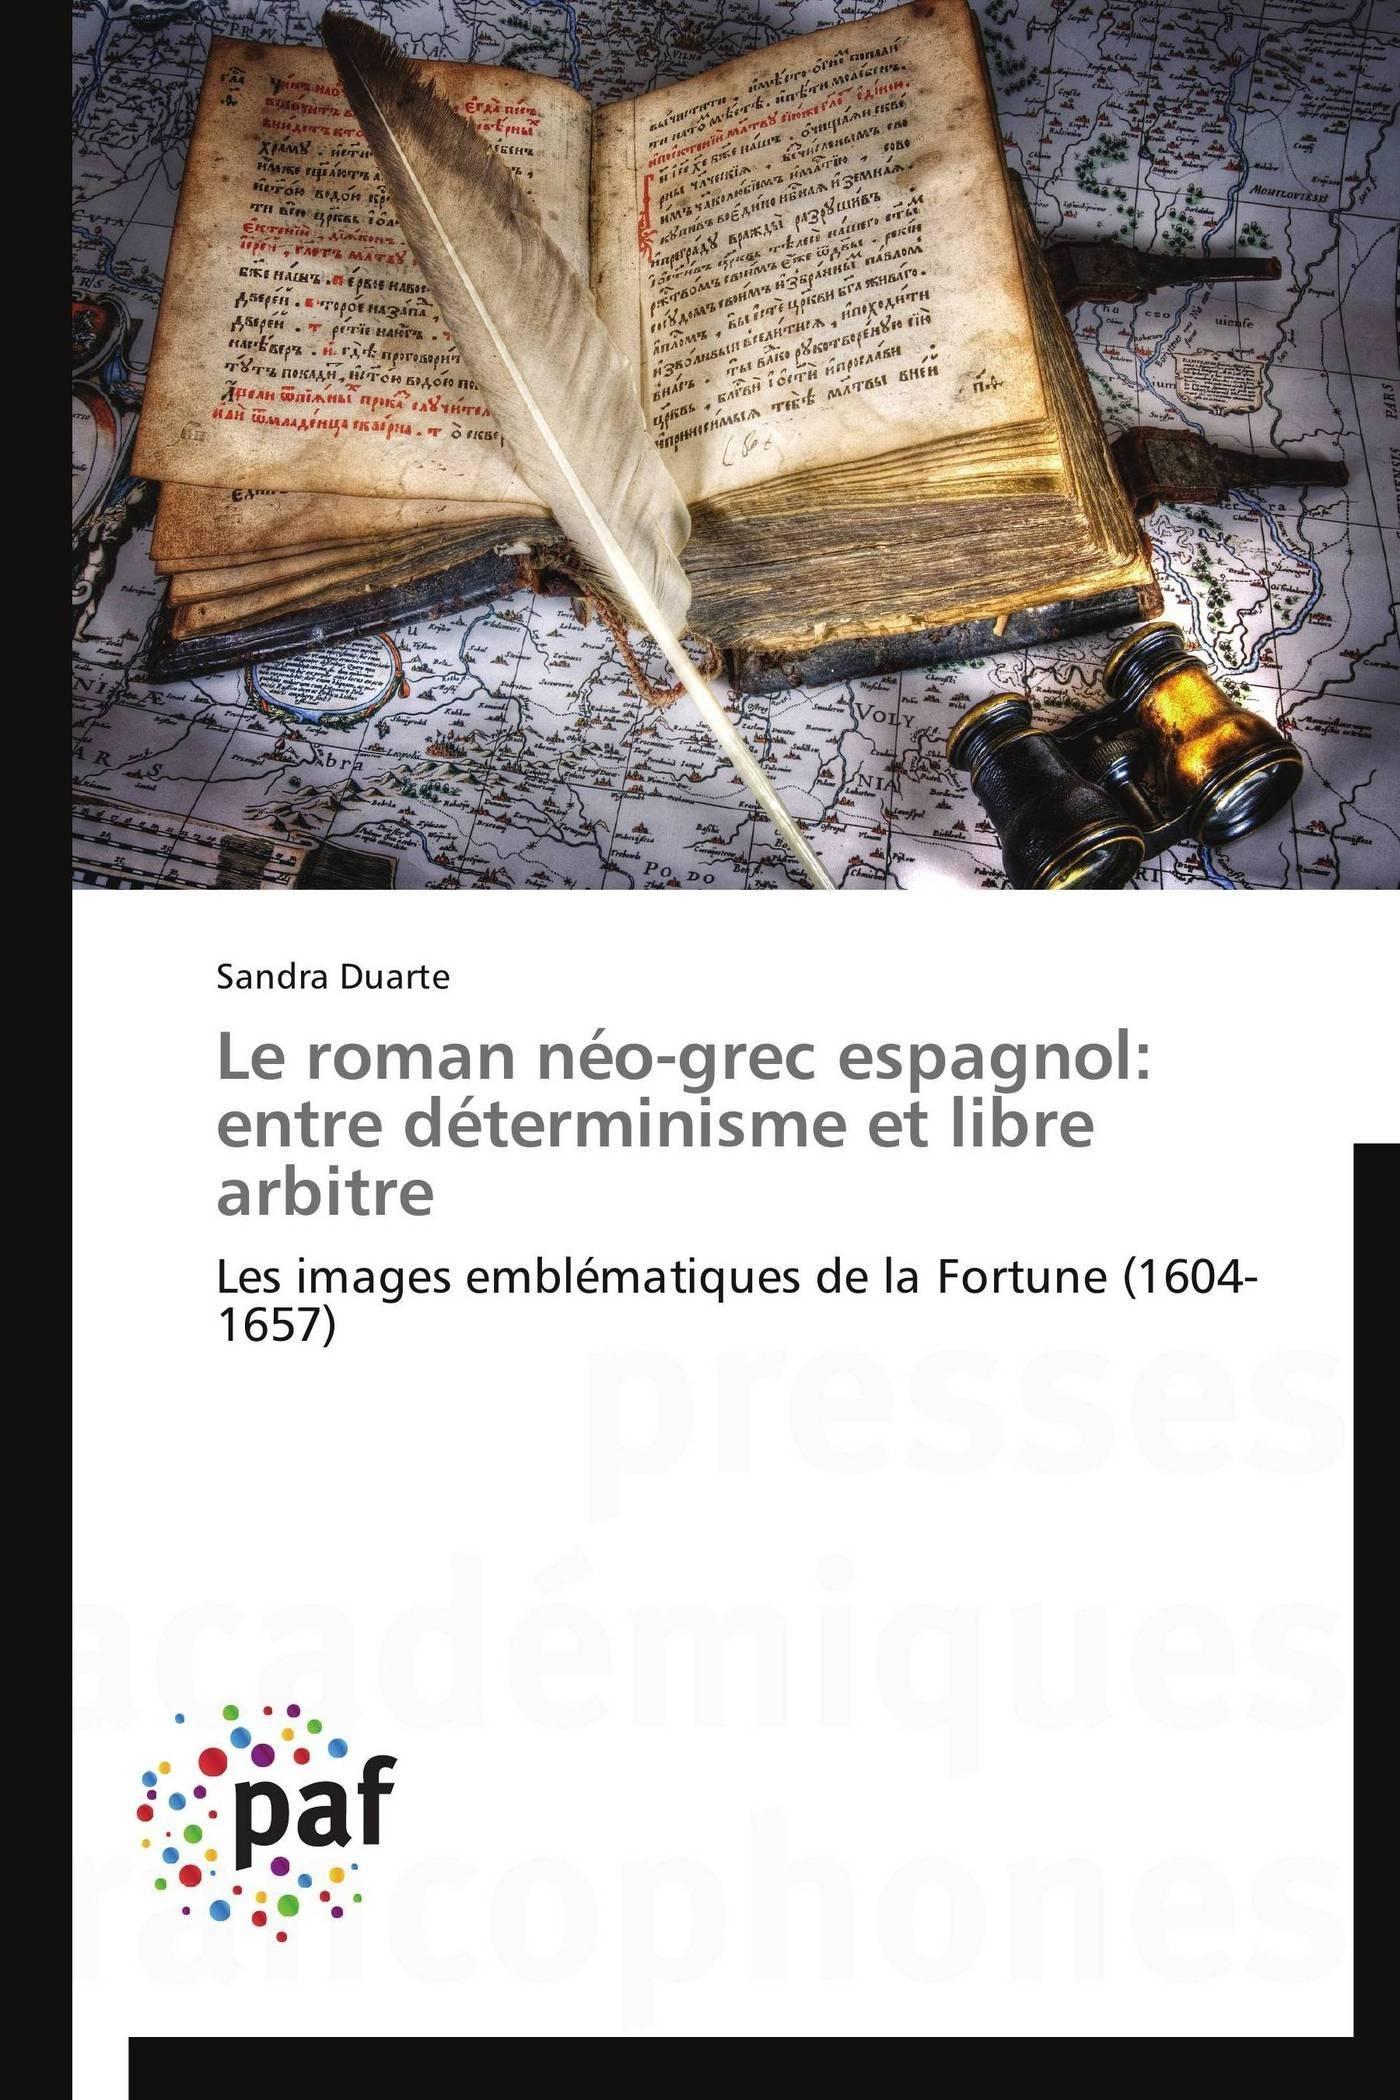 LE ROMAN NEO-GREC ESPAGNOL: ENTRE DETERMINISME ET LIBRE ARBITRE